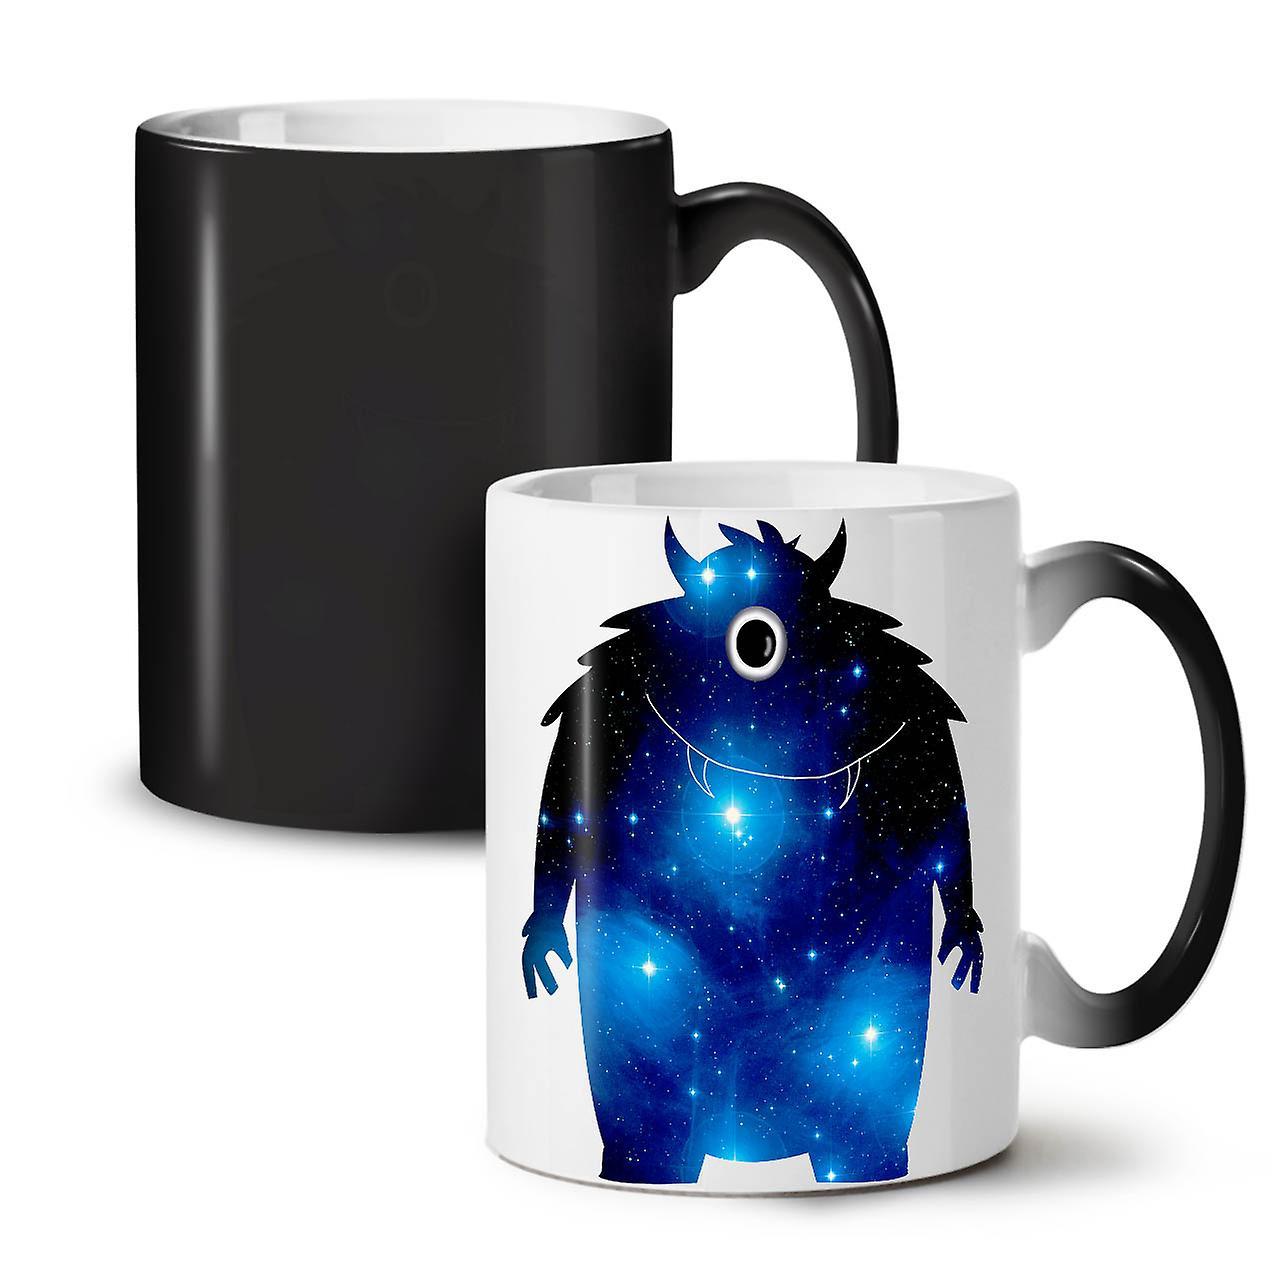 Nouvelle Étoiles Thé Tasse Monster Couleur 11 Noir Céramique Galaxy OzWellcoda Changeant Café ikXuPZO